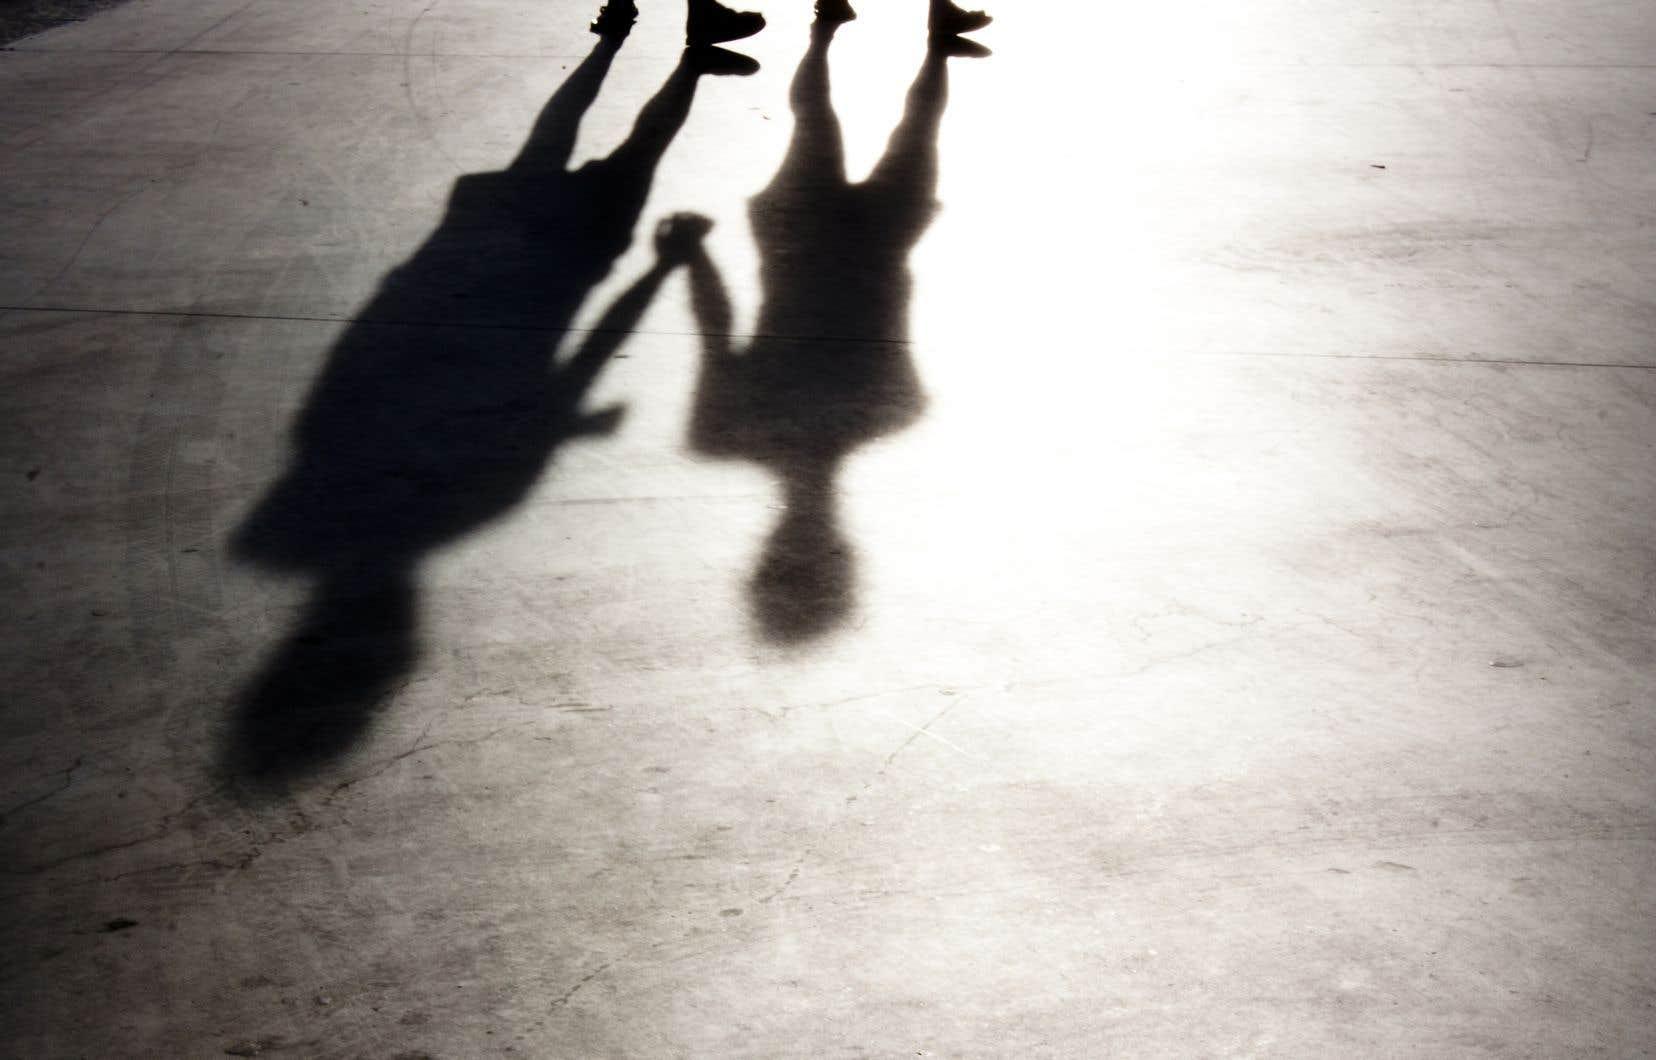 Un peu plus de la moitié des personnes qui se suicident ont moins de 45 ans. Chez les 15-24 ans, c'est même la deuxième cause de décès, après les accidents de la route.